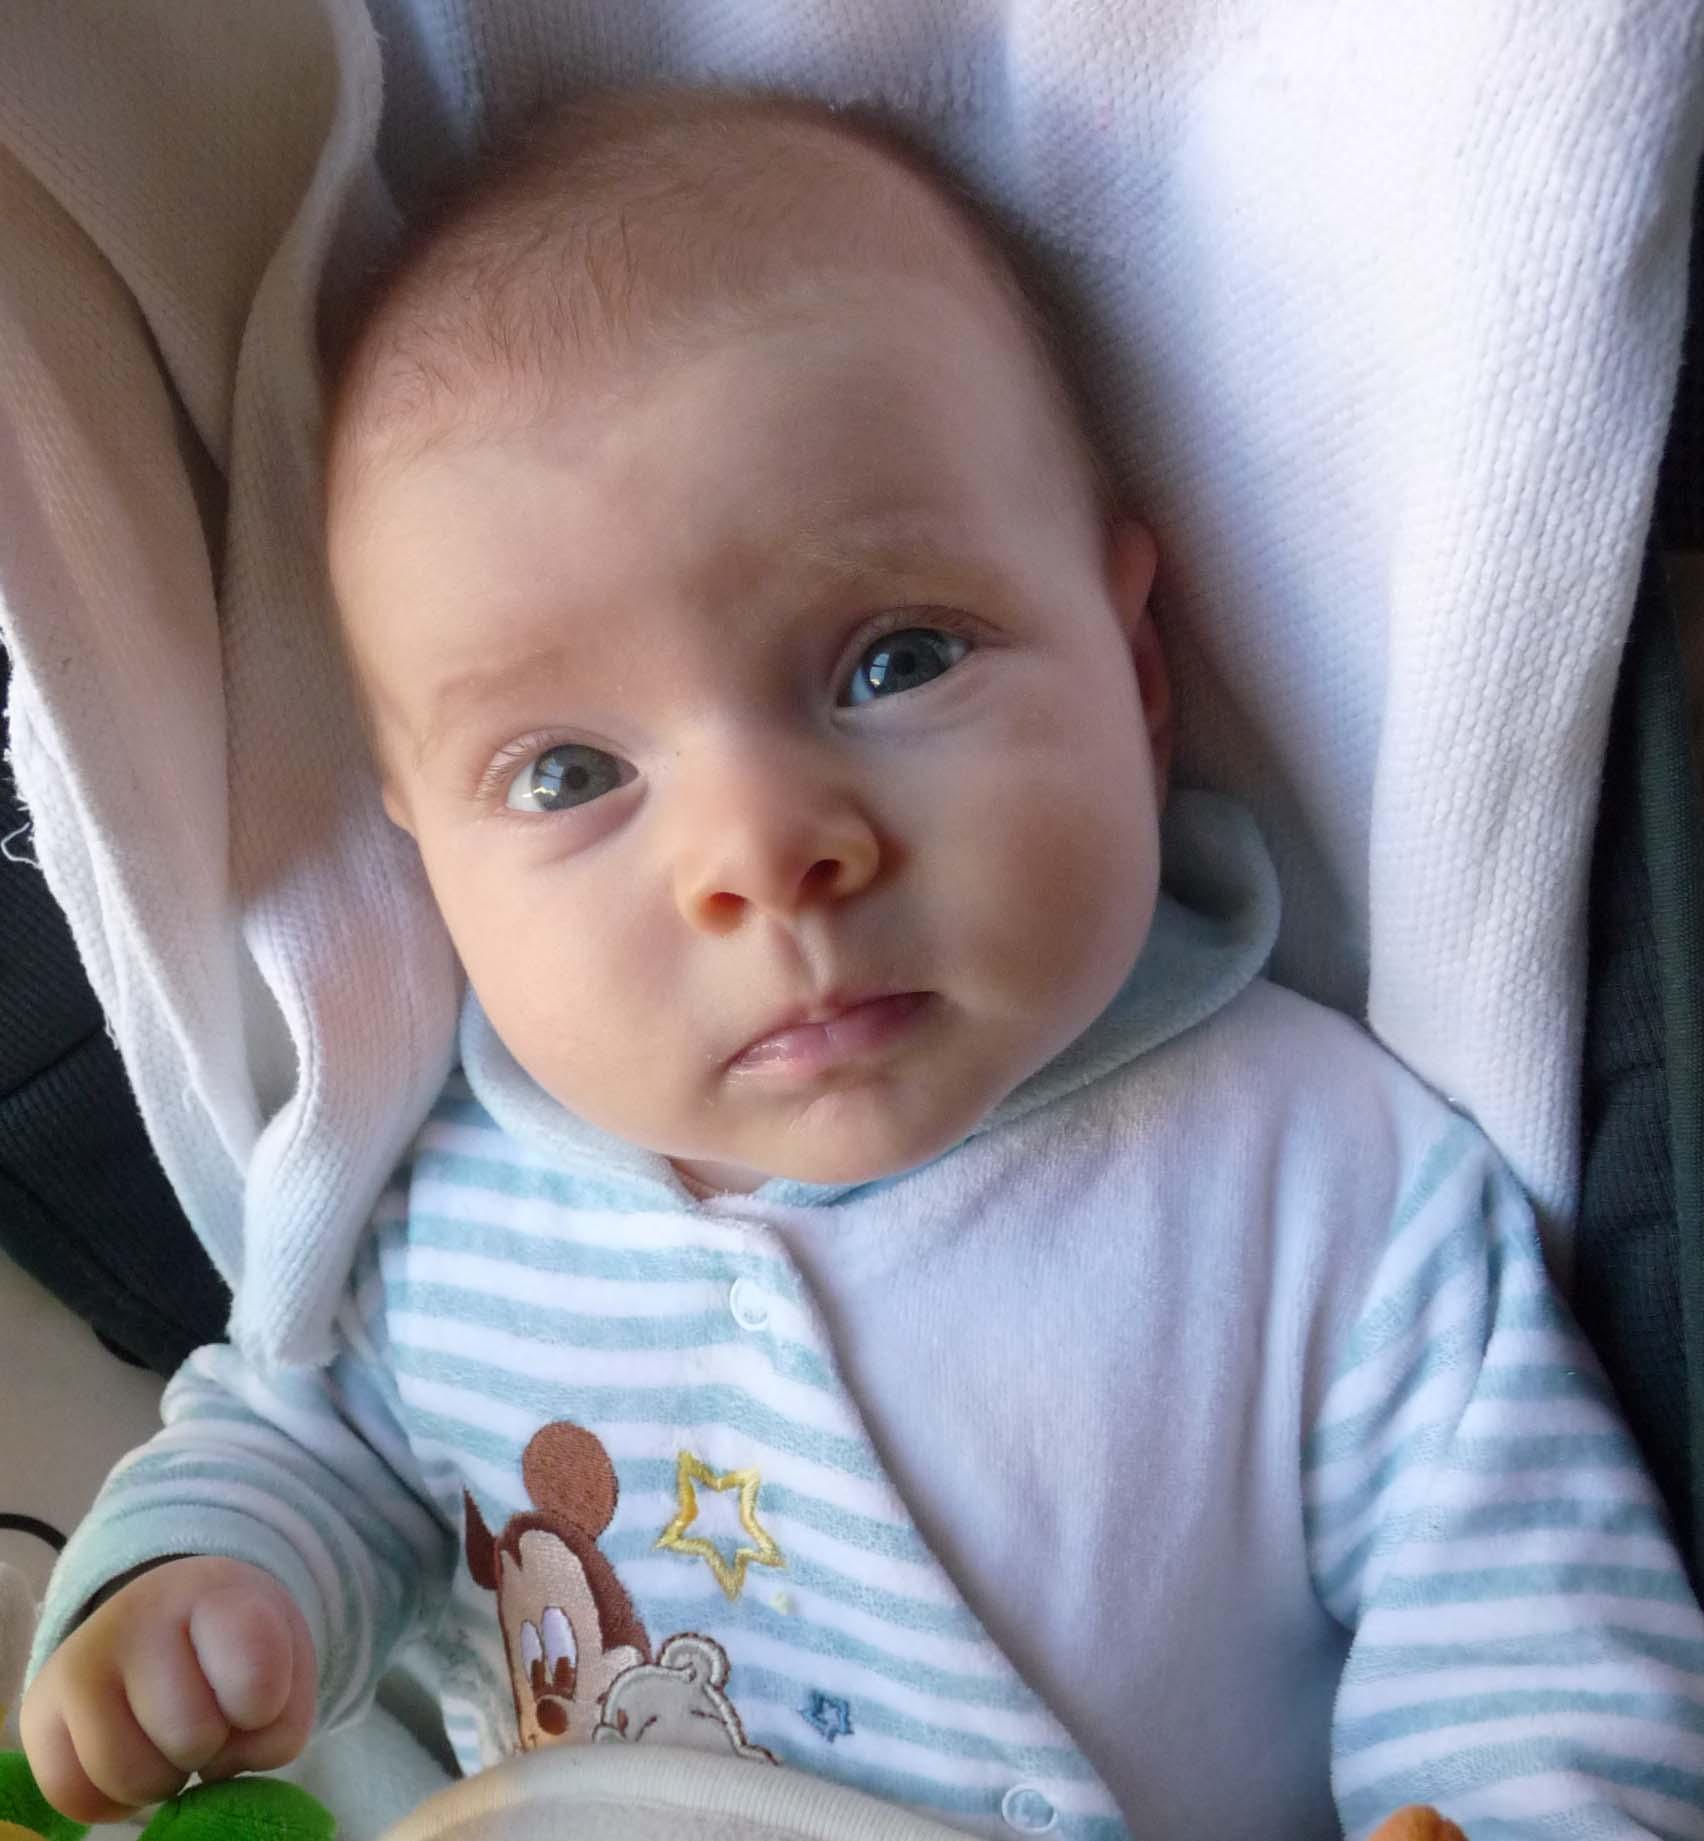 Syndrome Du Bébé Secoué Les Jeux - Syndrome Du Bébé Secoué concernant Jeux Des Petit Garçon